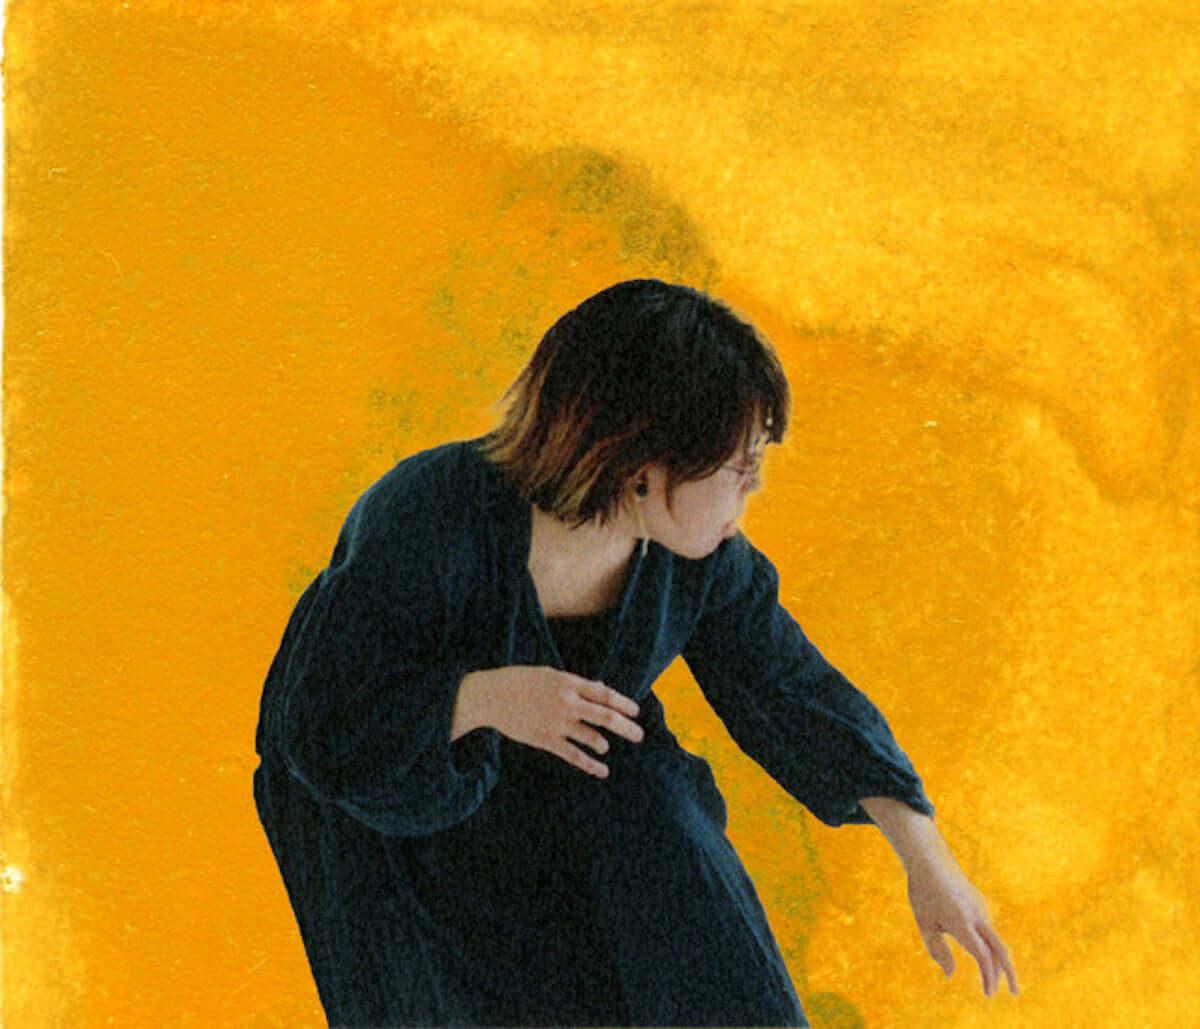 近郊ゆるフェス<SLOW DAYS>が大阪に。シャムキャッツにUA、D.A.N.、CHAI、中村佳穂BANDも music190117-slowdays-4-1200x1029